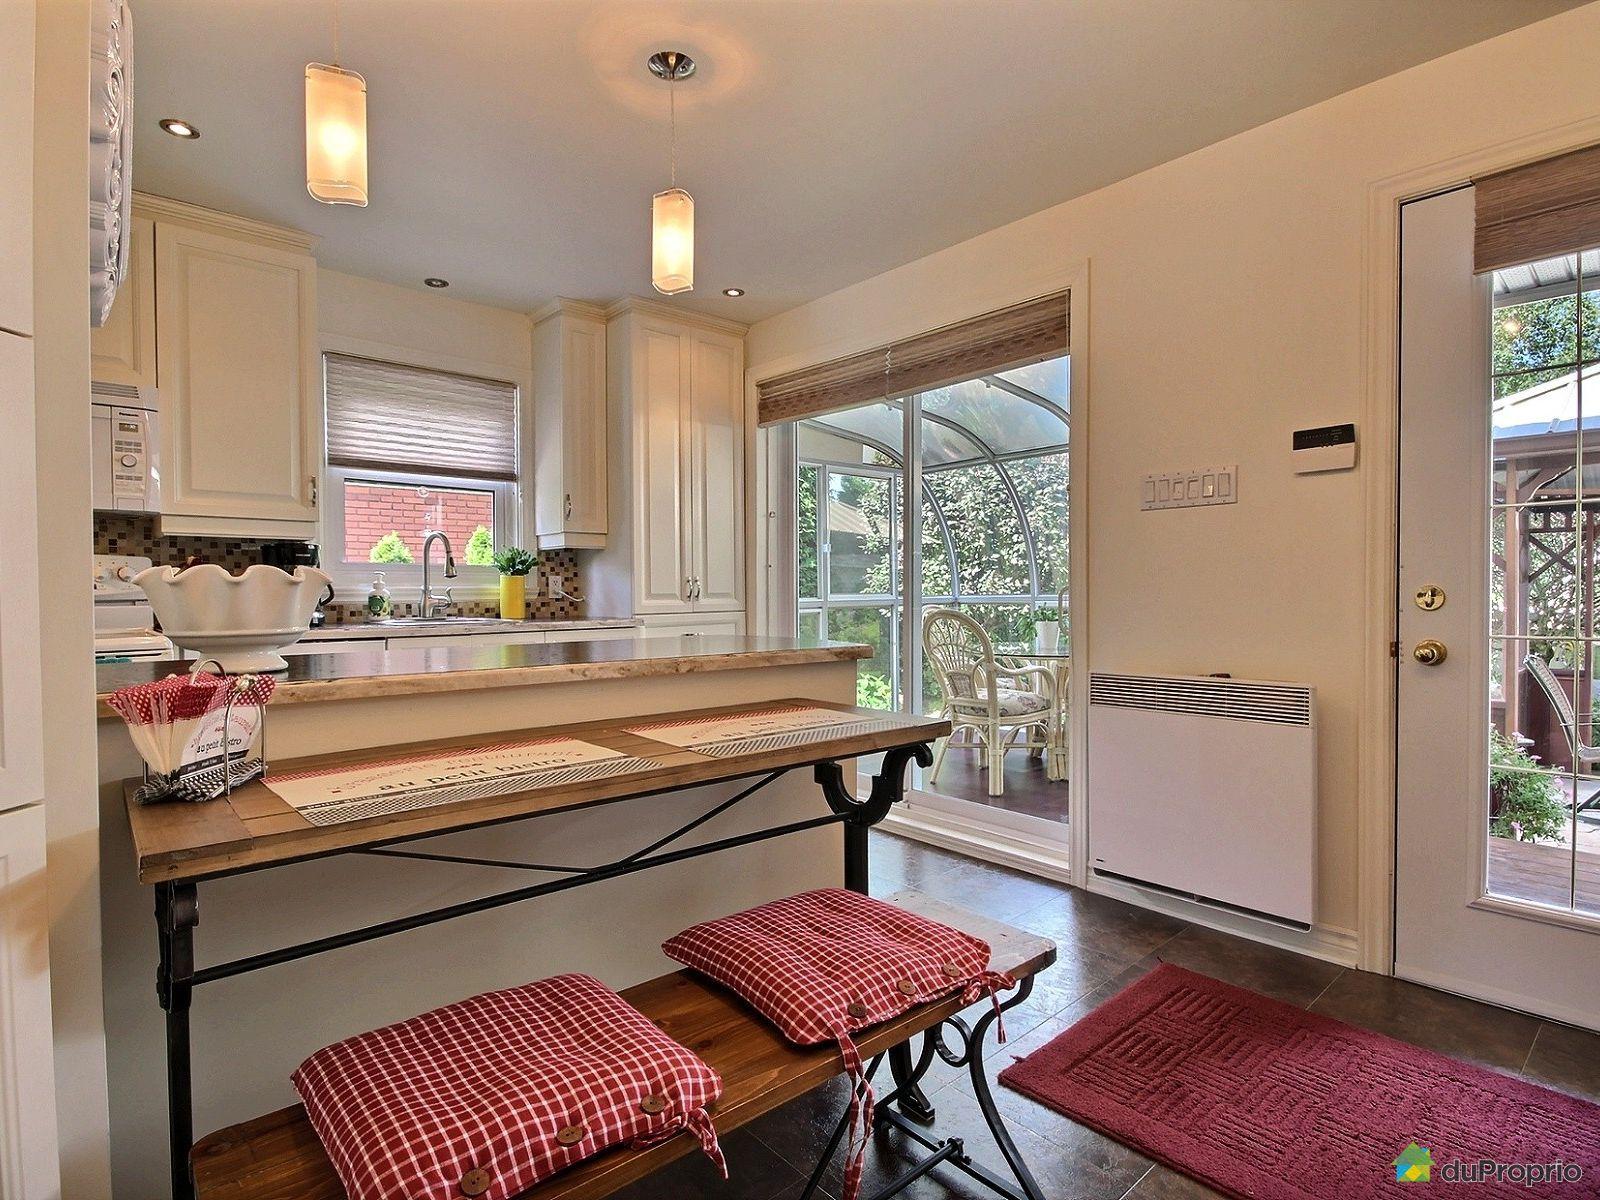 Maison vendre montr al 1863 52e avenue immobilier for Alarme maison montreal